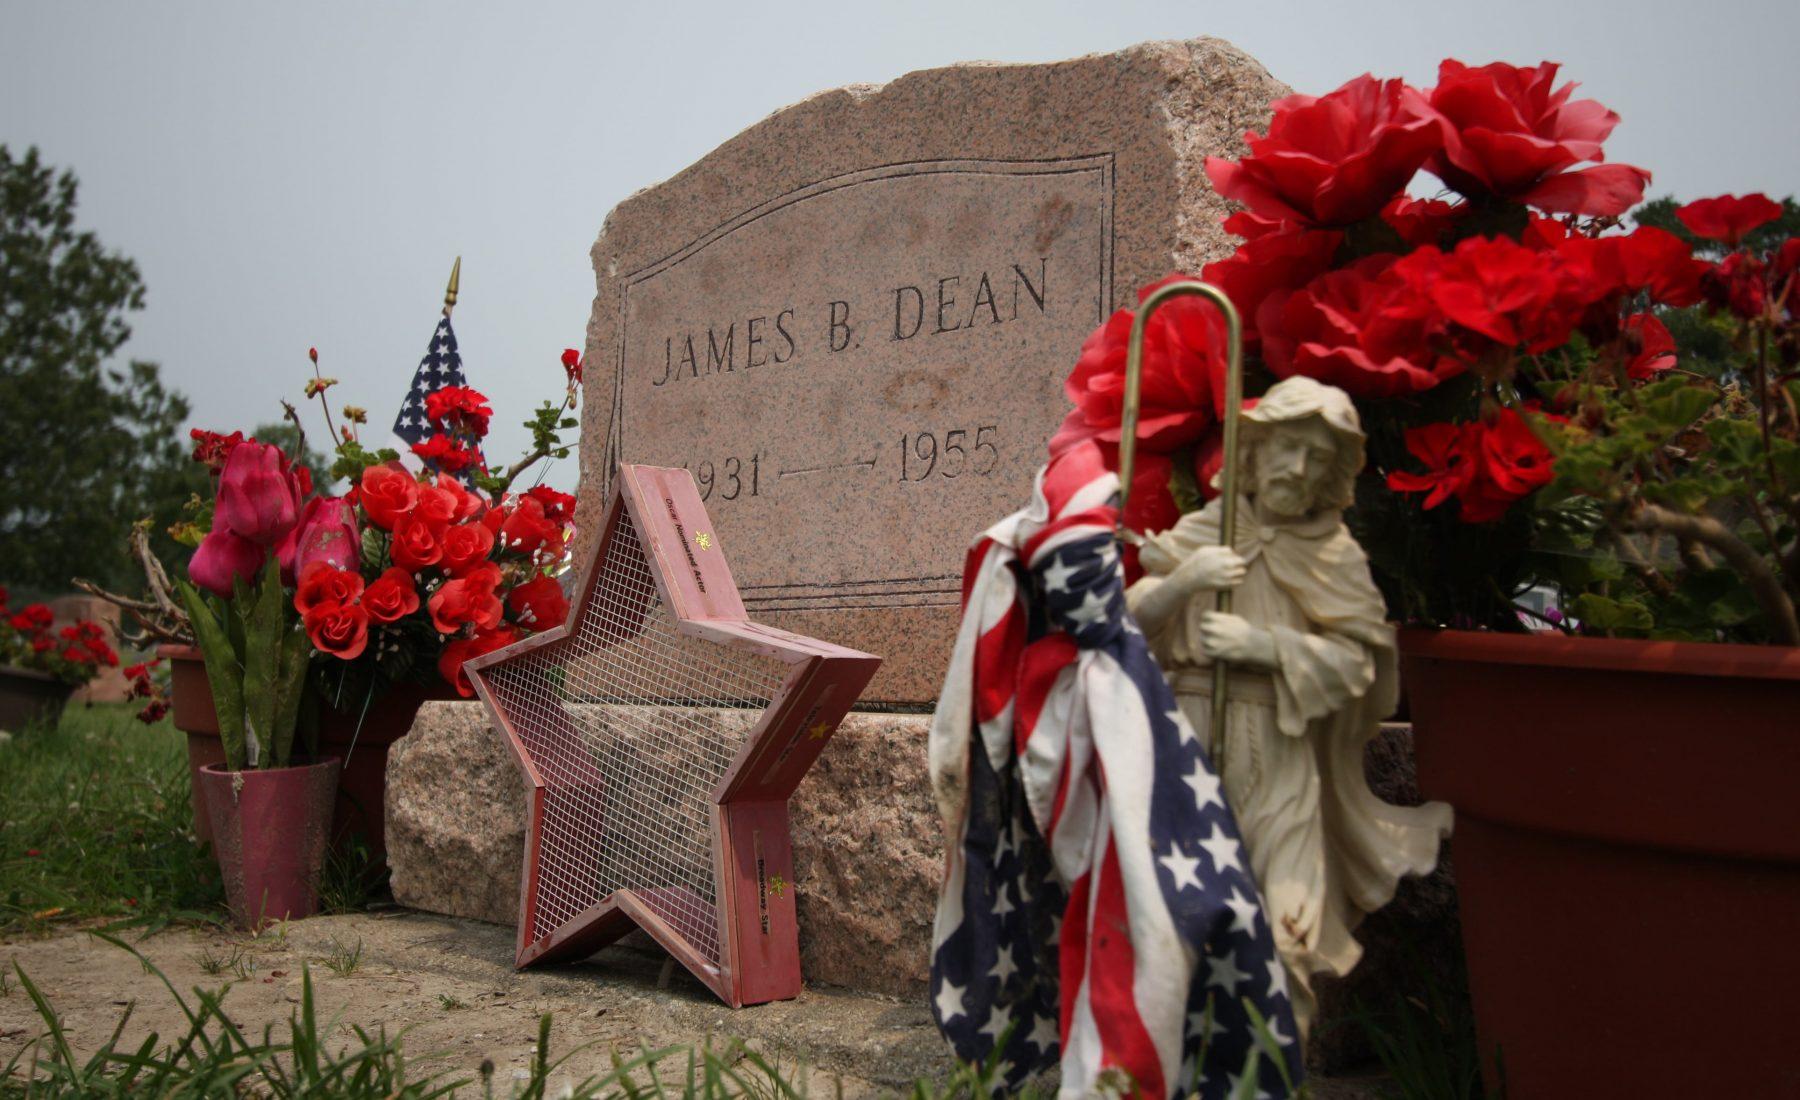 James Dean's Grave, Fairmount, Indiana